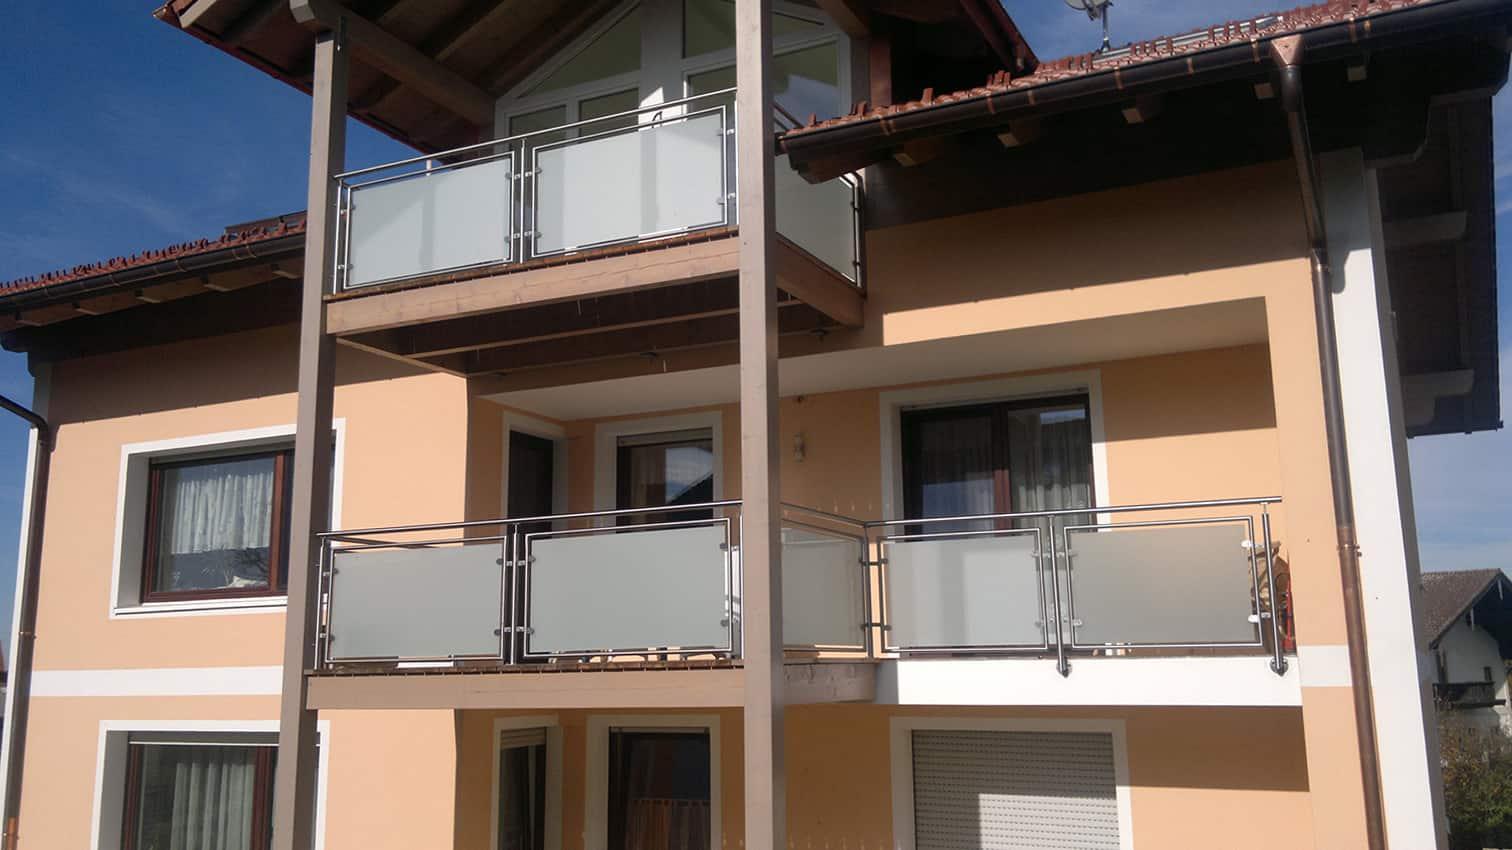 Balkon mit satinierten Glas